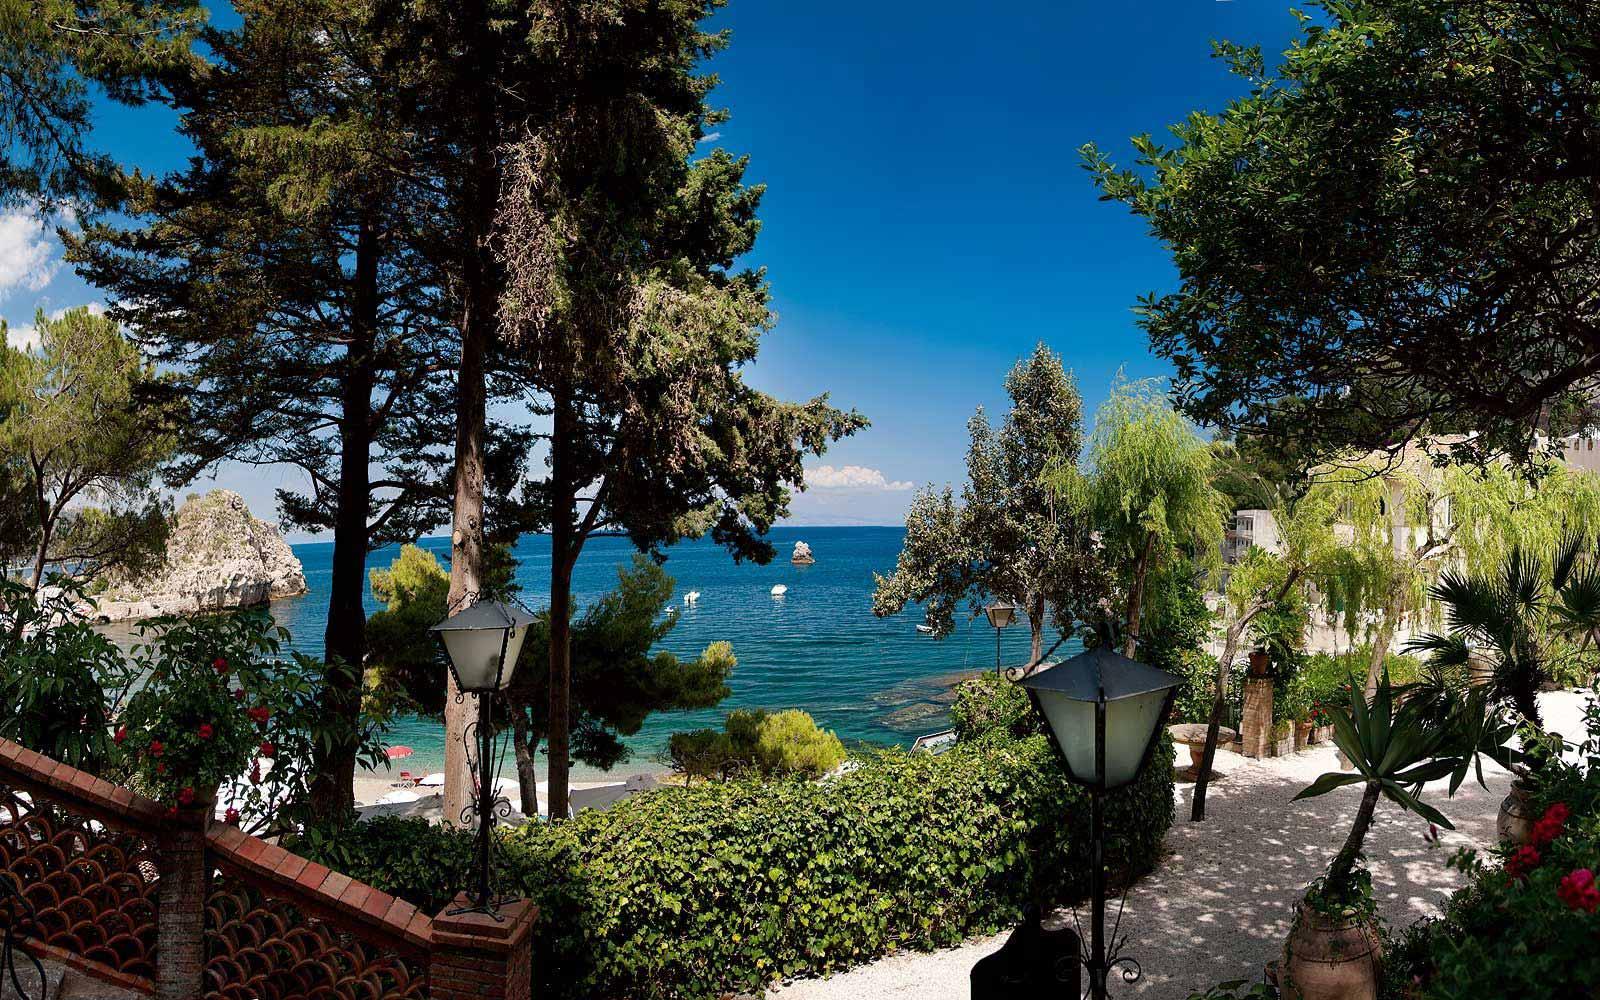 Private gardens at the Belmond Villa Sant' Andrea